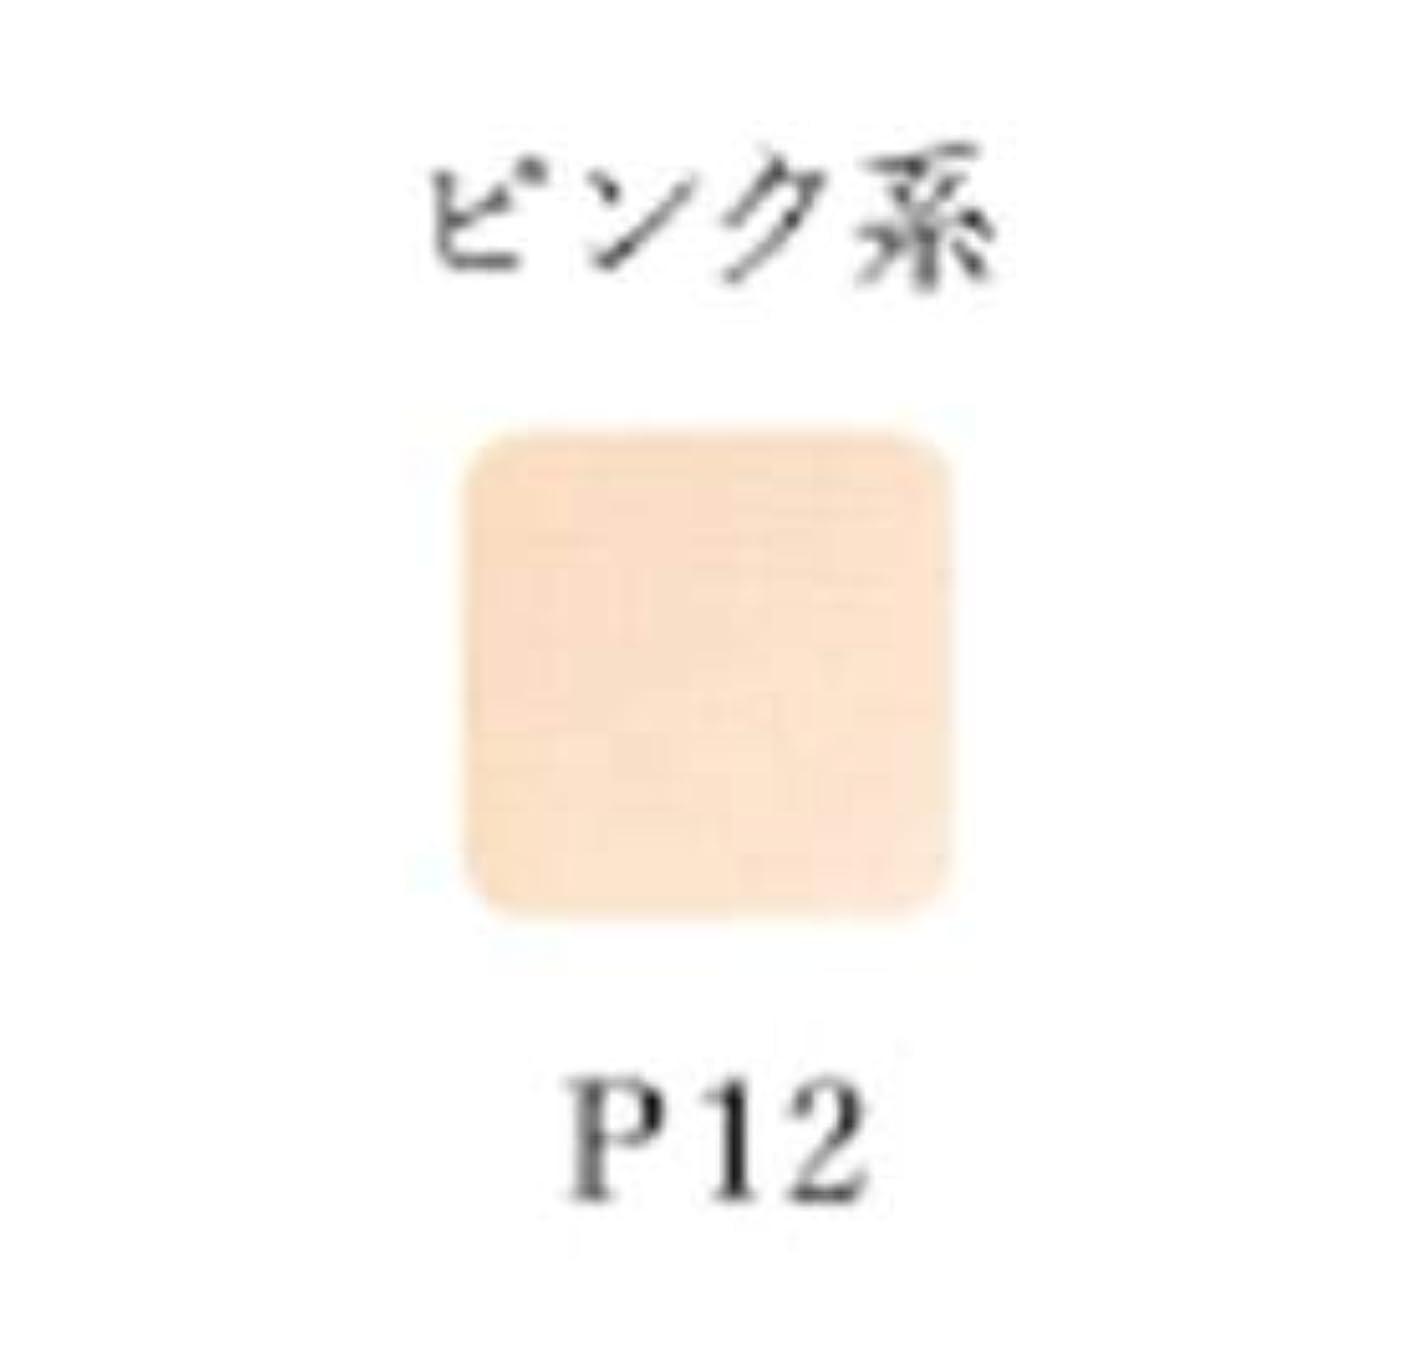 スピリチュアル標準上昇オリリー パウダリーフィニッシュUV (2ウェイ) リフィル P12<14g>